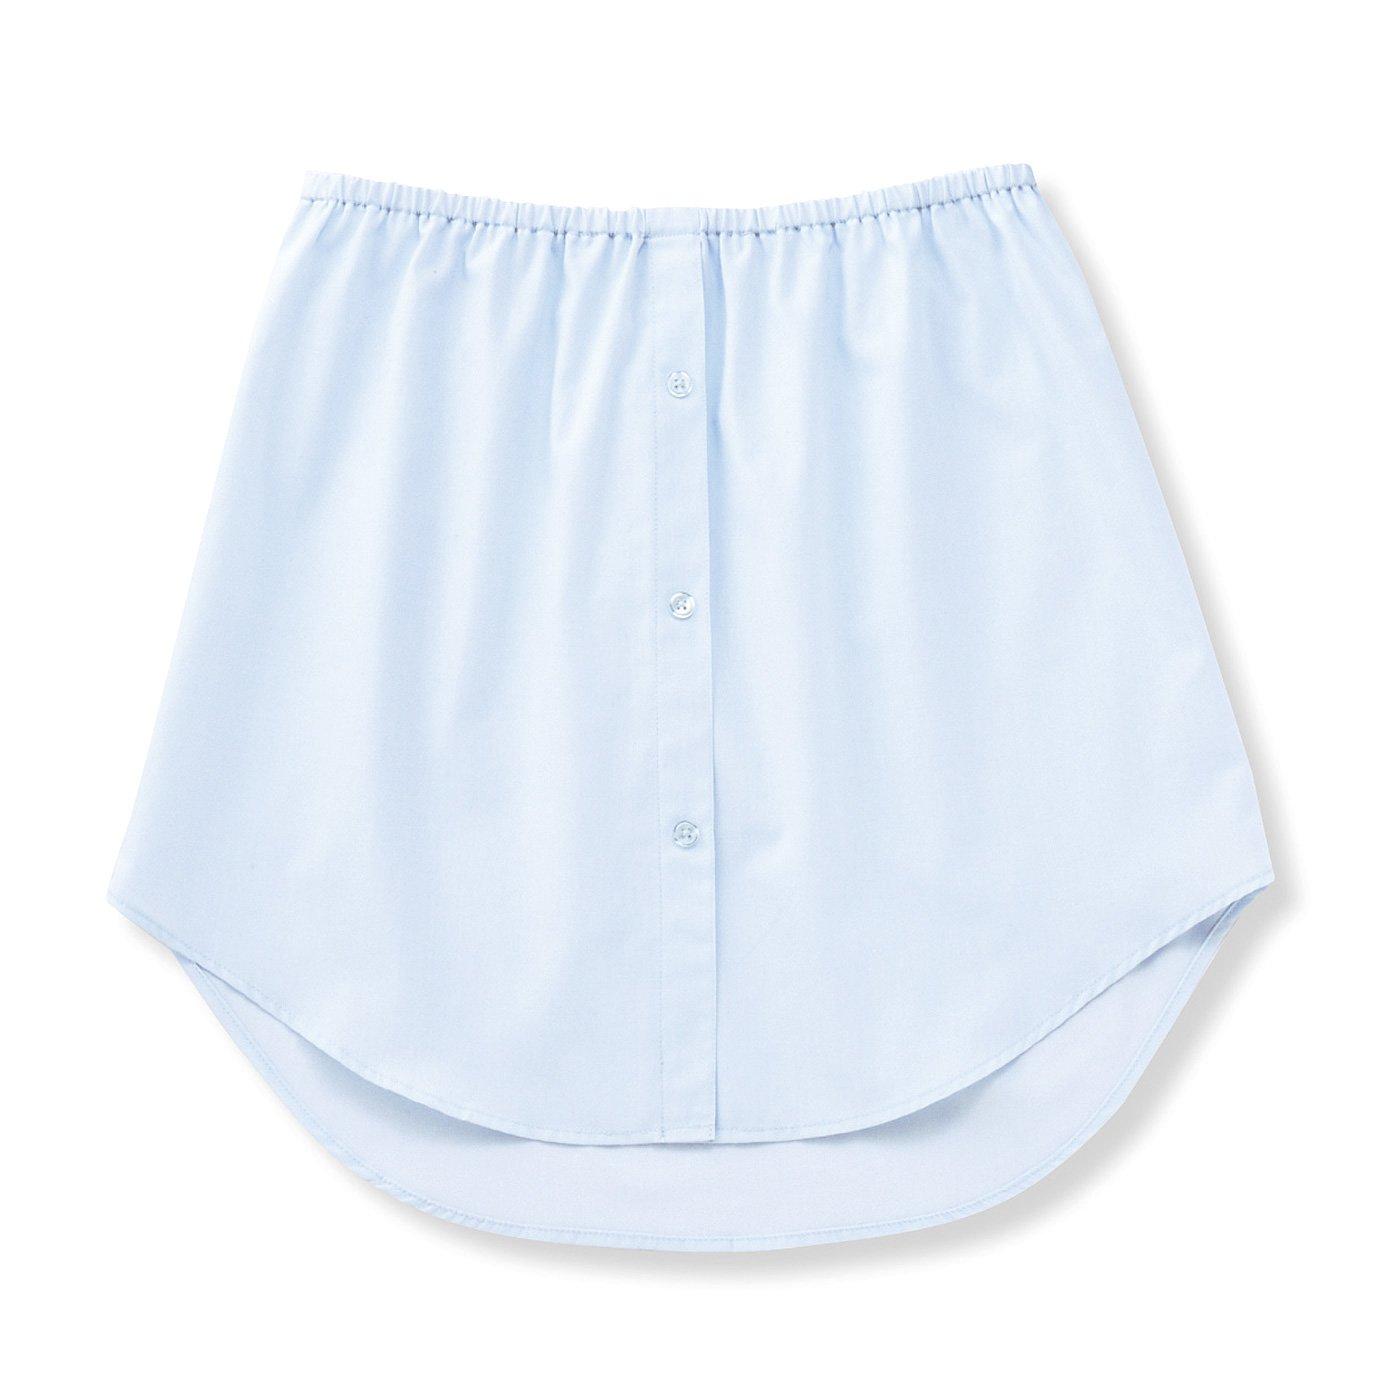 こそっとおしゃれに体形カバー 軽やかなシャツで気分春めく 重ね着風付けすその会